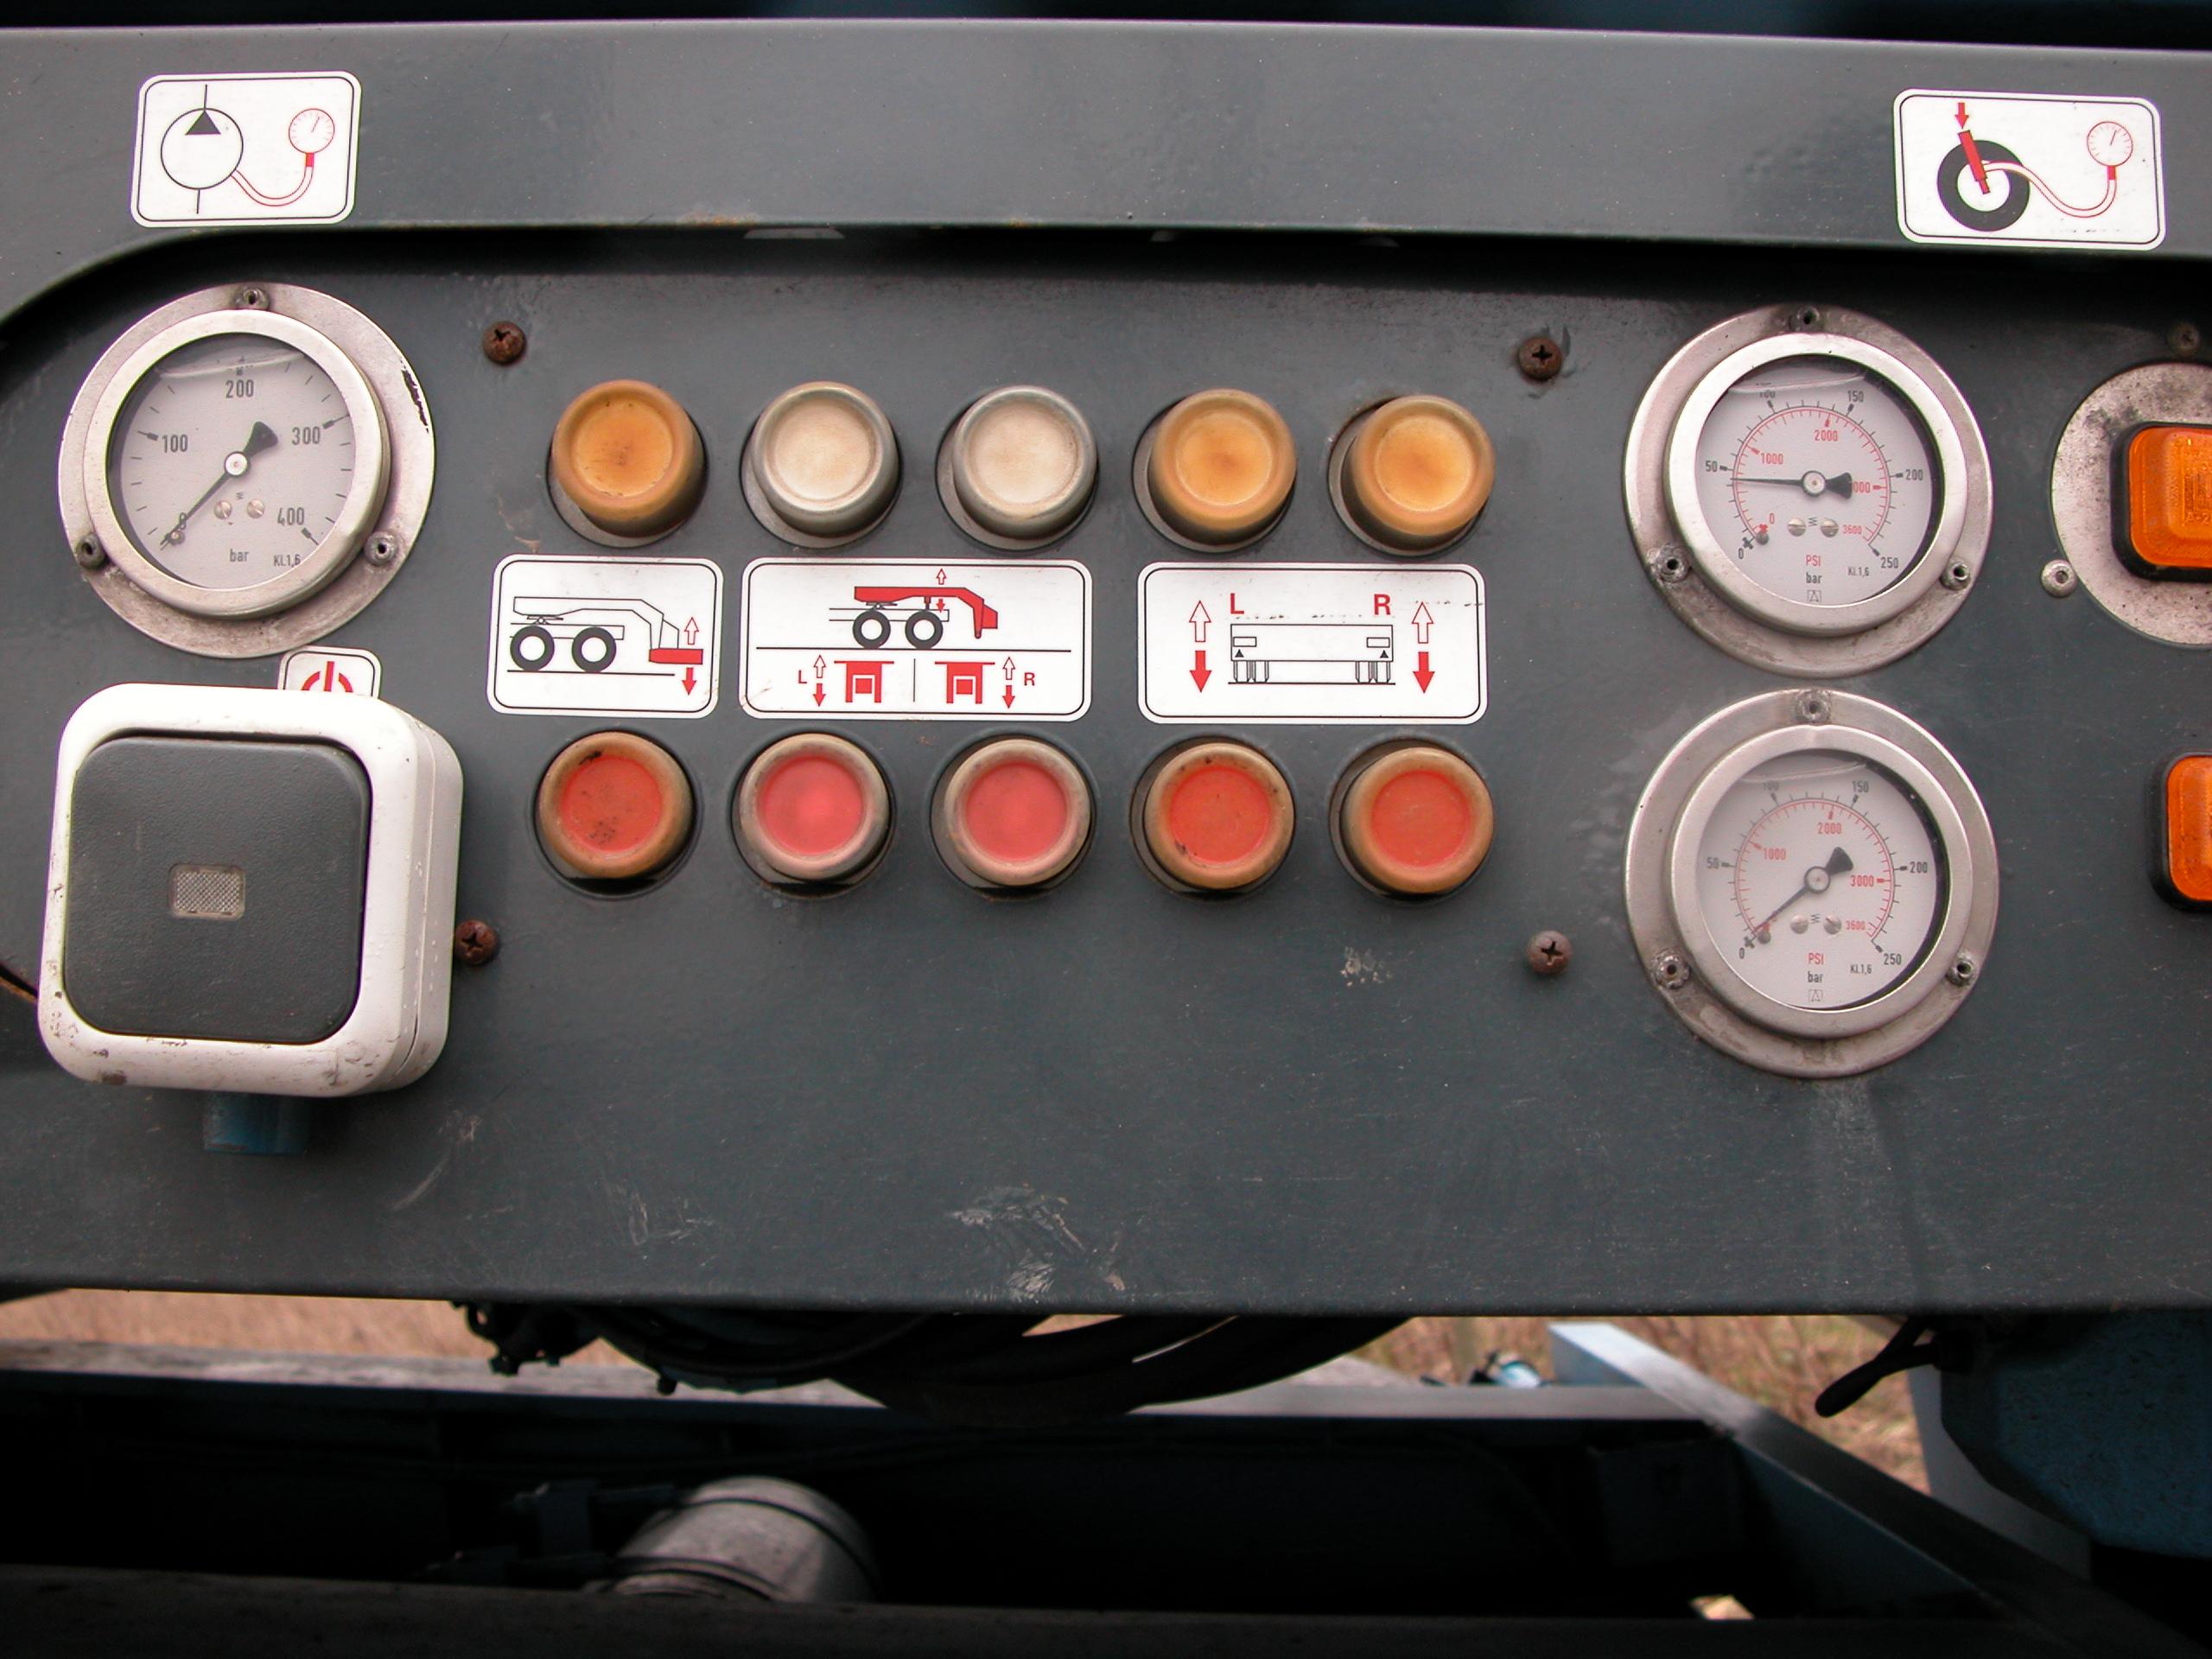 buttons dials gauge meters orange lights dashboard